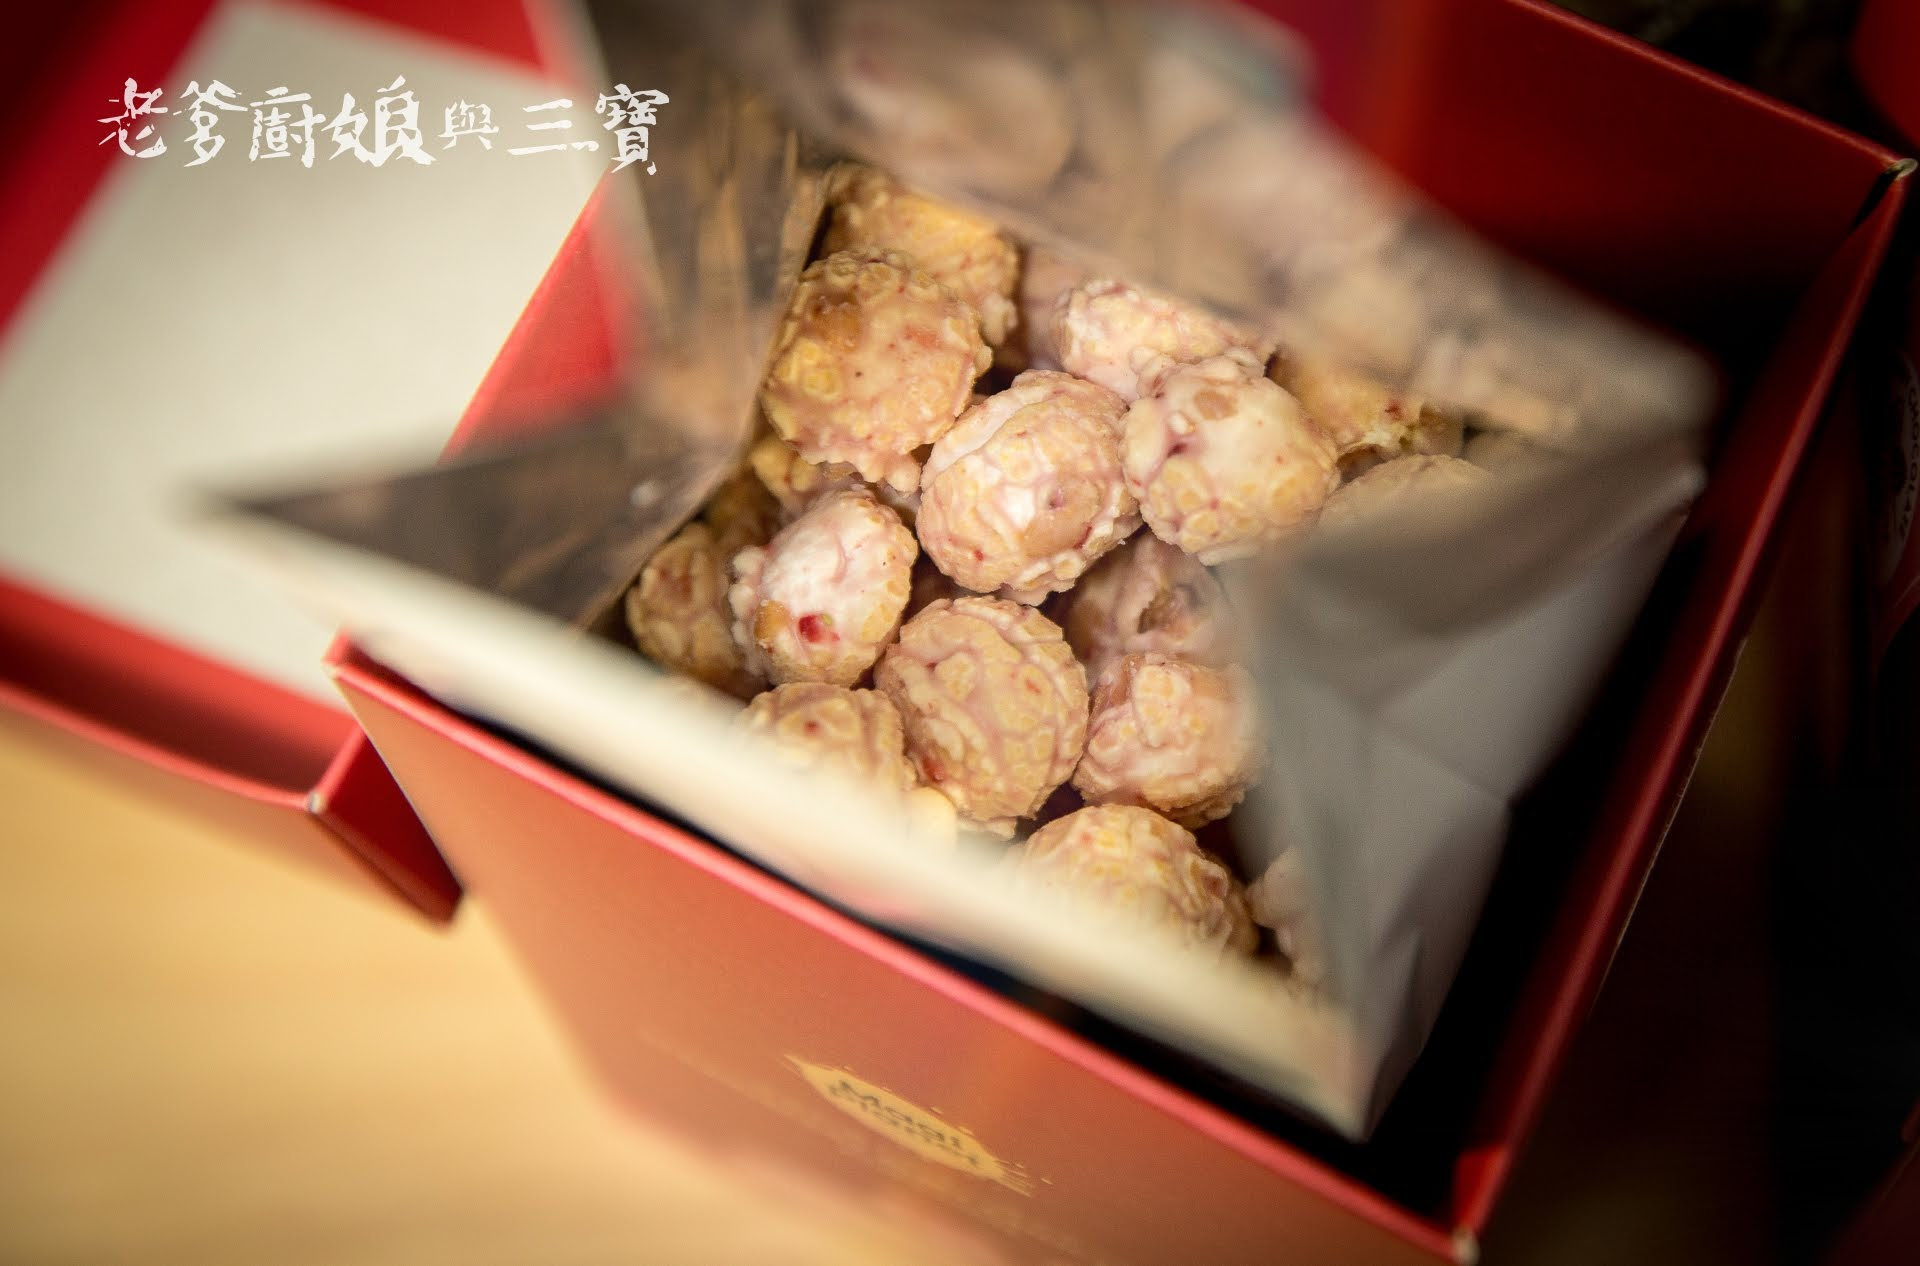 Magi Planet星球工坊草莓紅寶石巧克力爆米花...春季才能享受到的粉紅幸福與甜蜜喔!